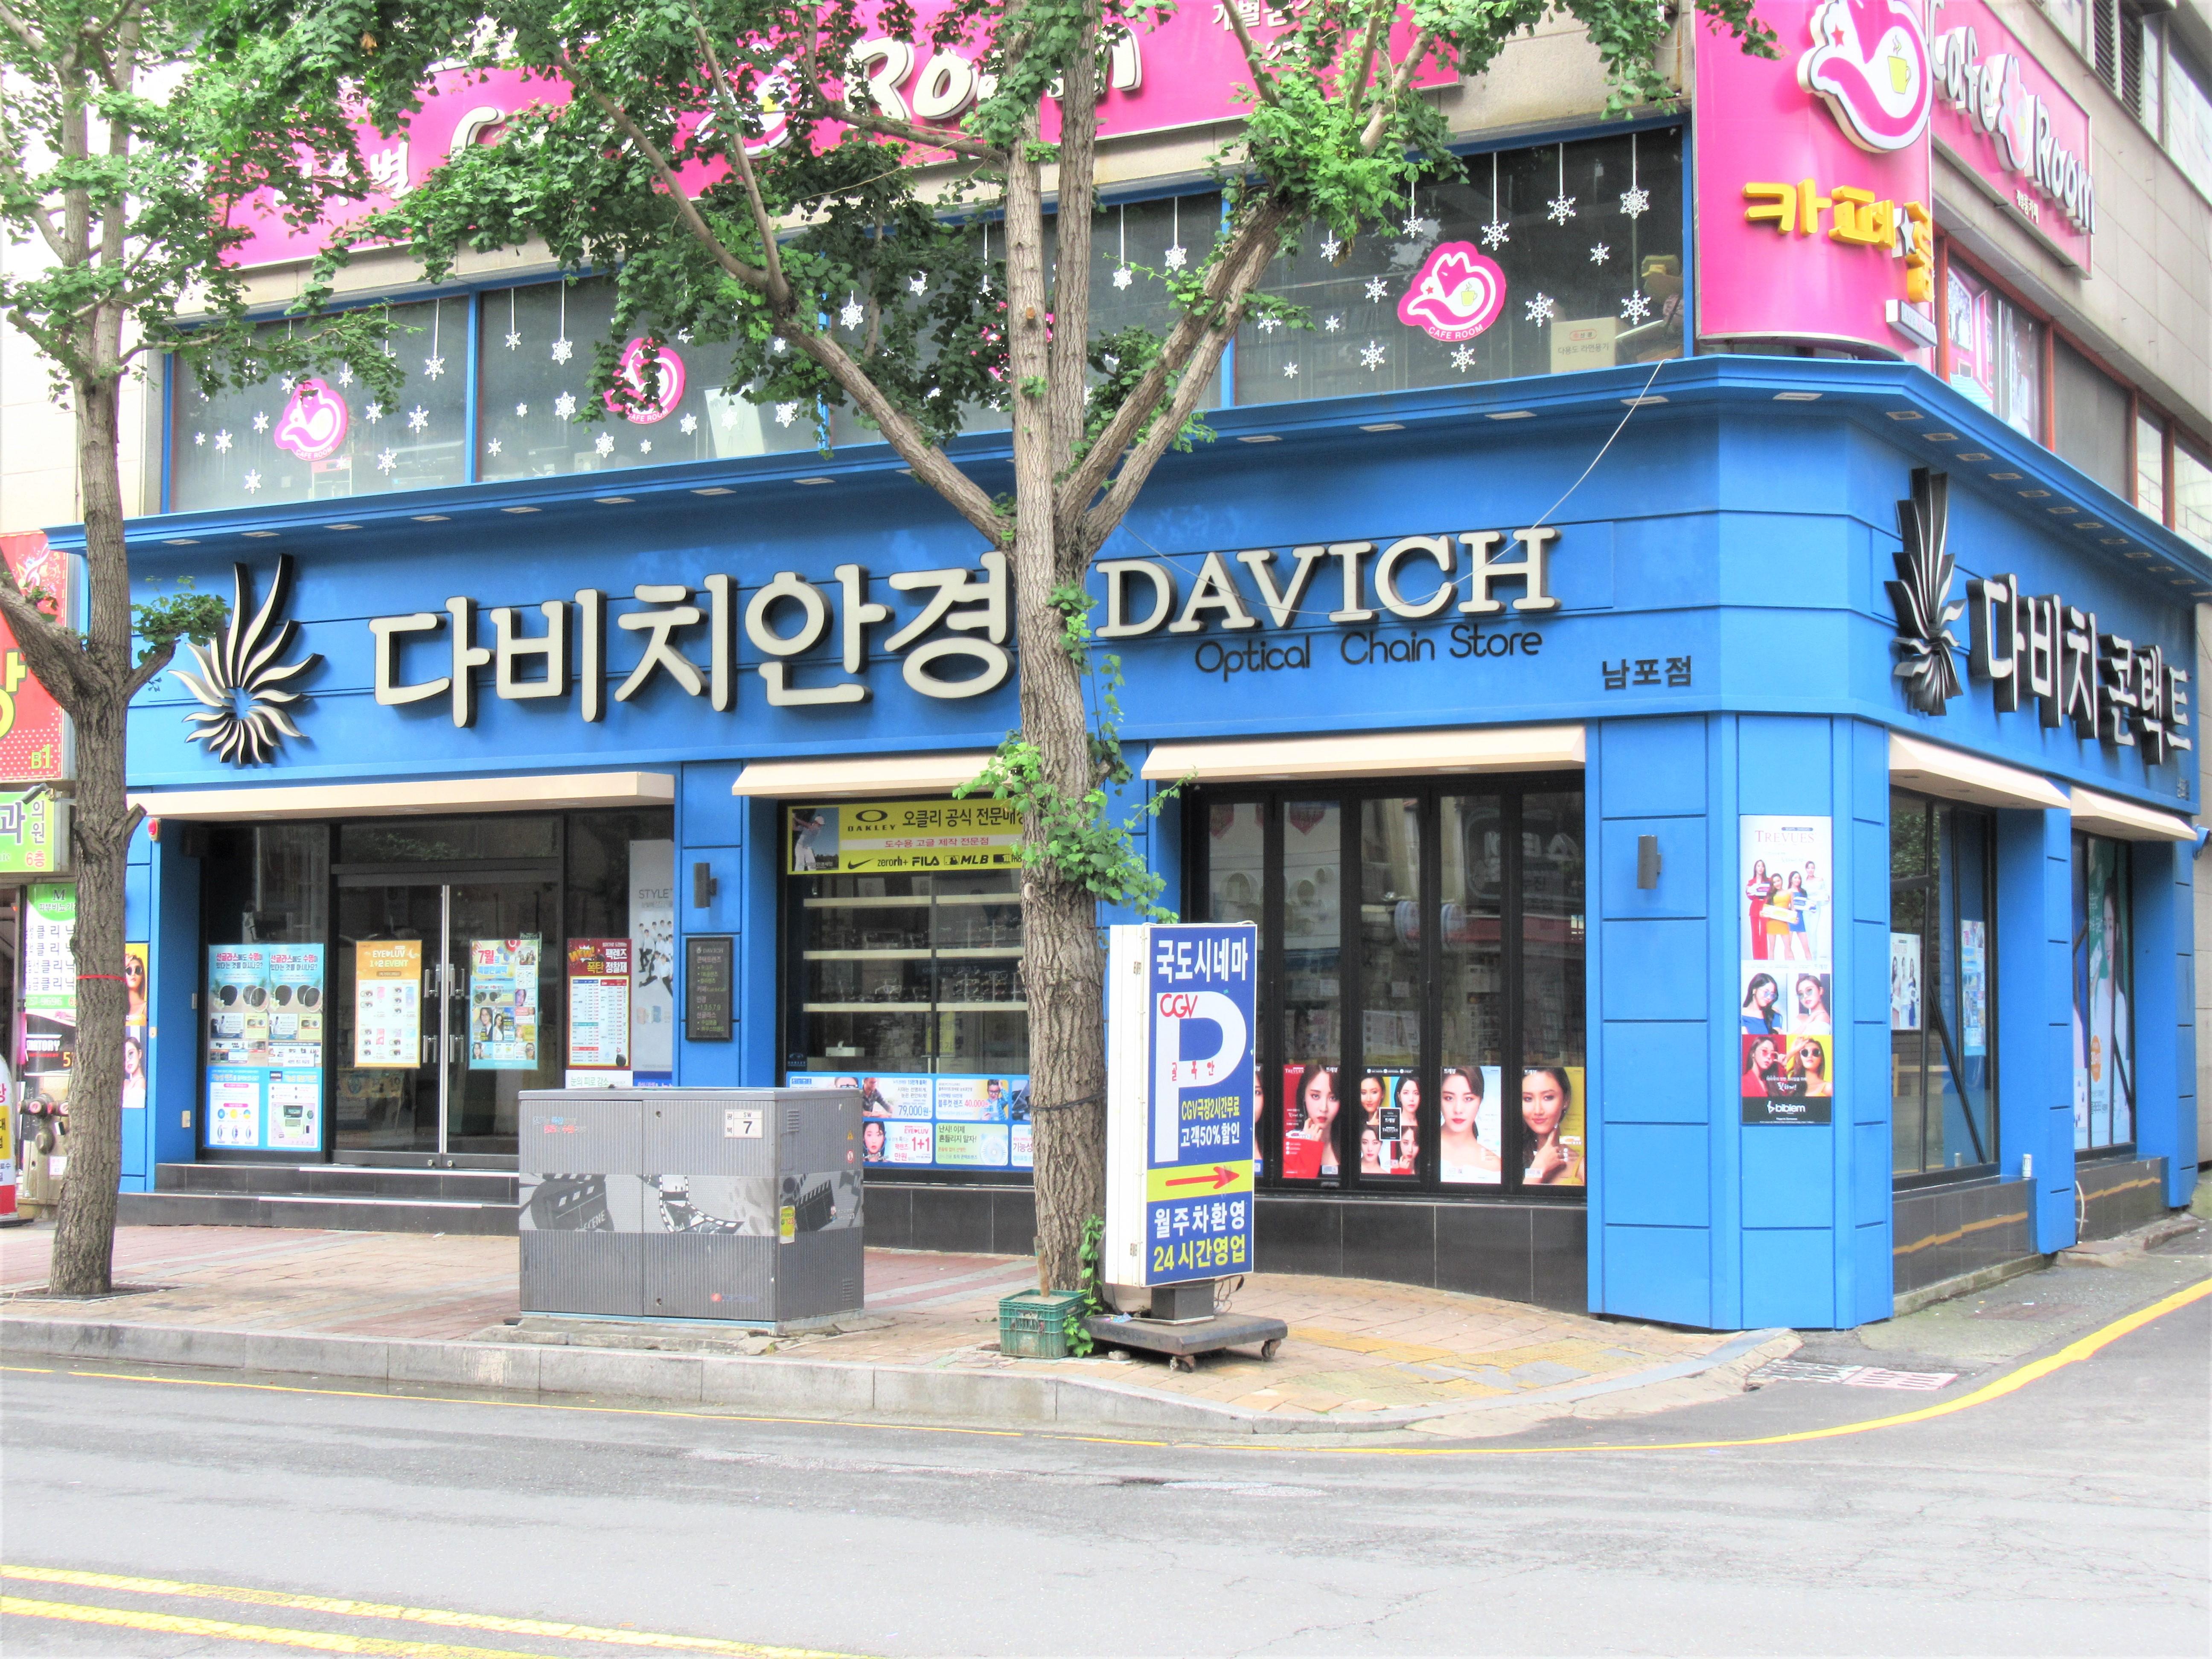 韓国のメガネは「ダビチ眼鏡」がオススメ!簡単に作れる眼鏡をレビュー☆韓国ブログ旅